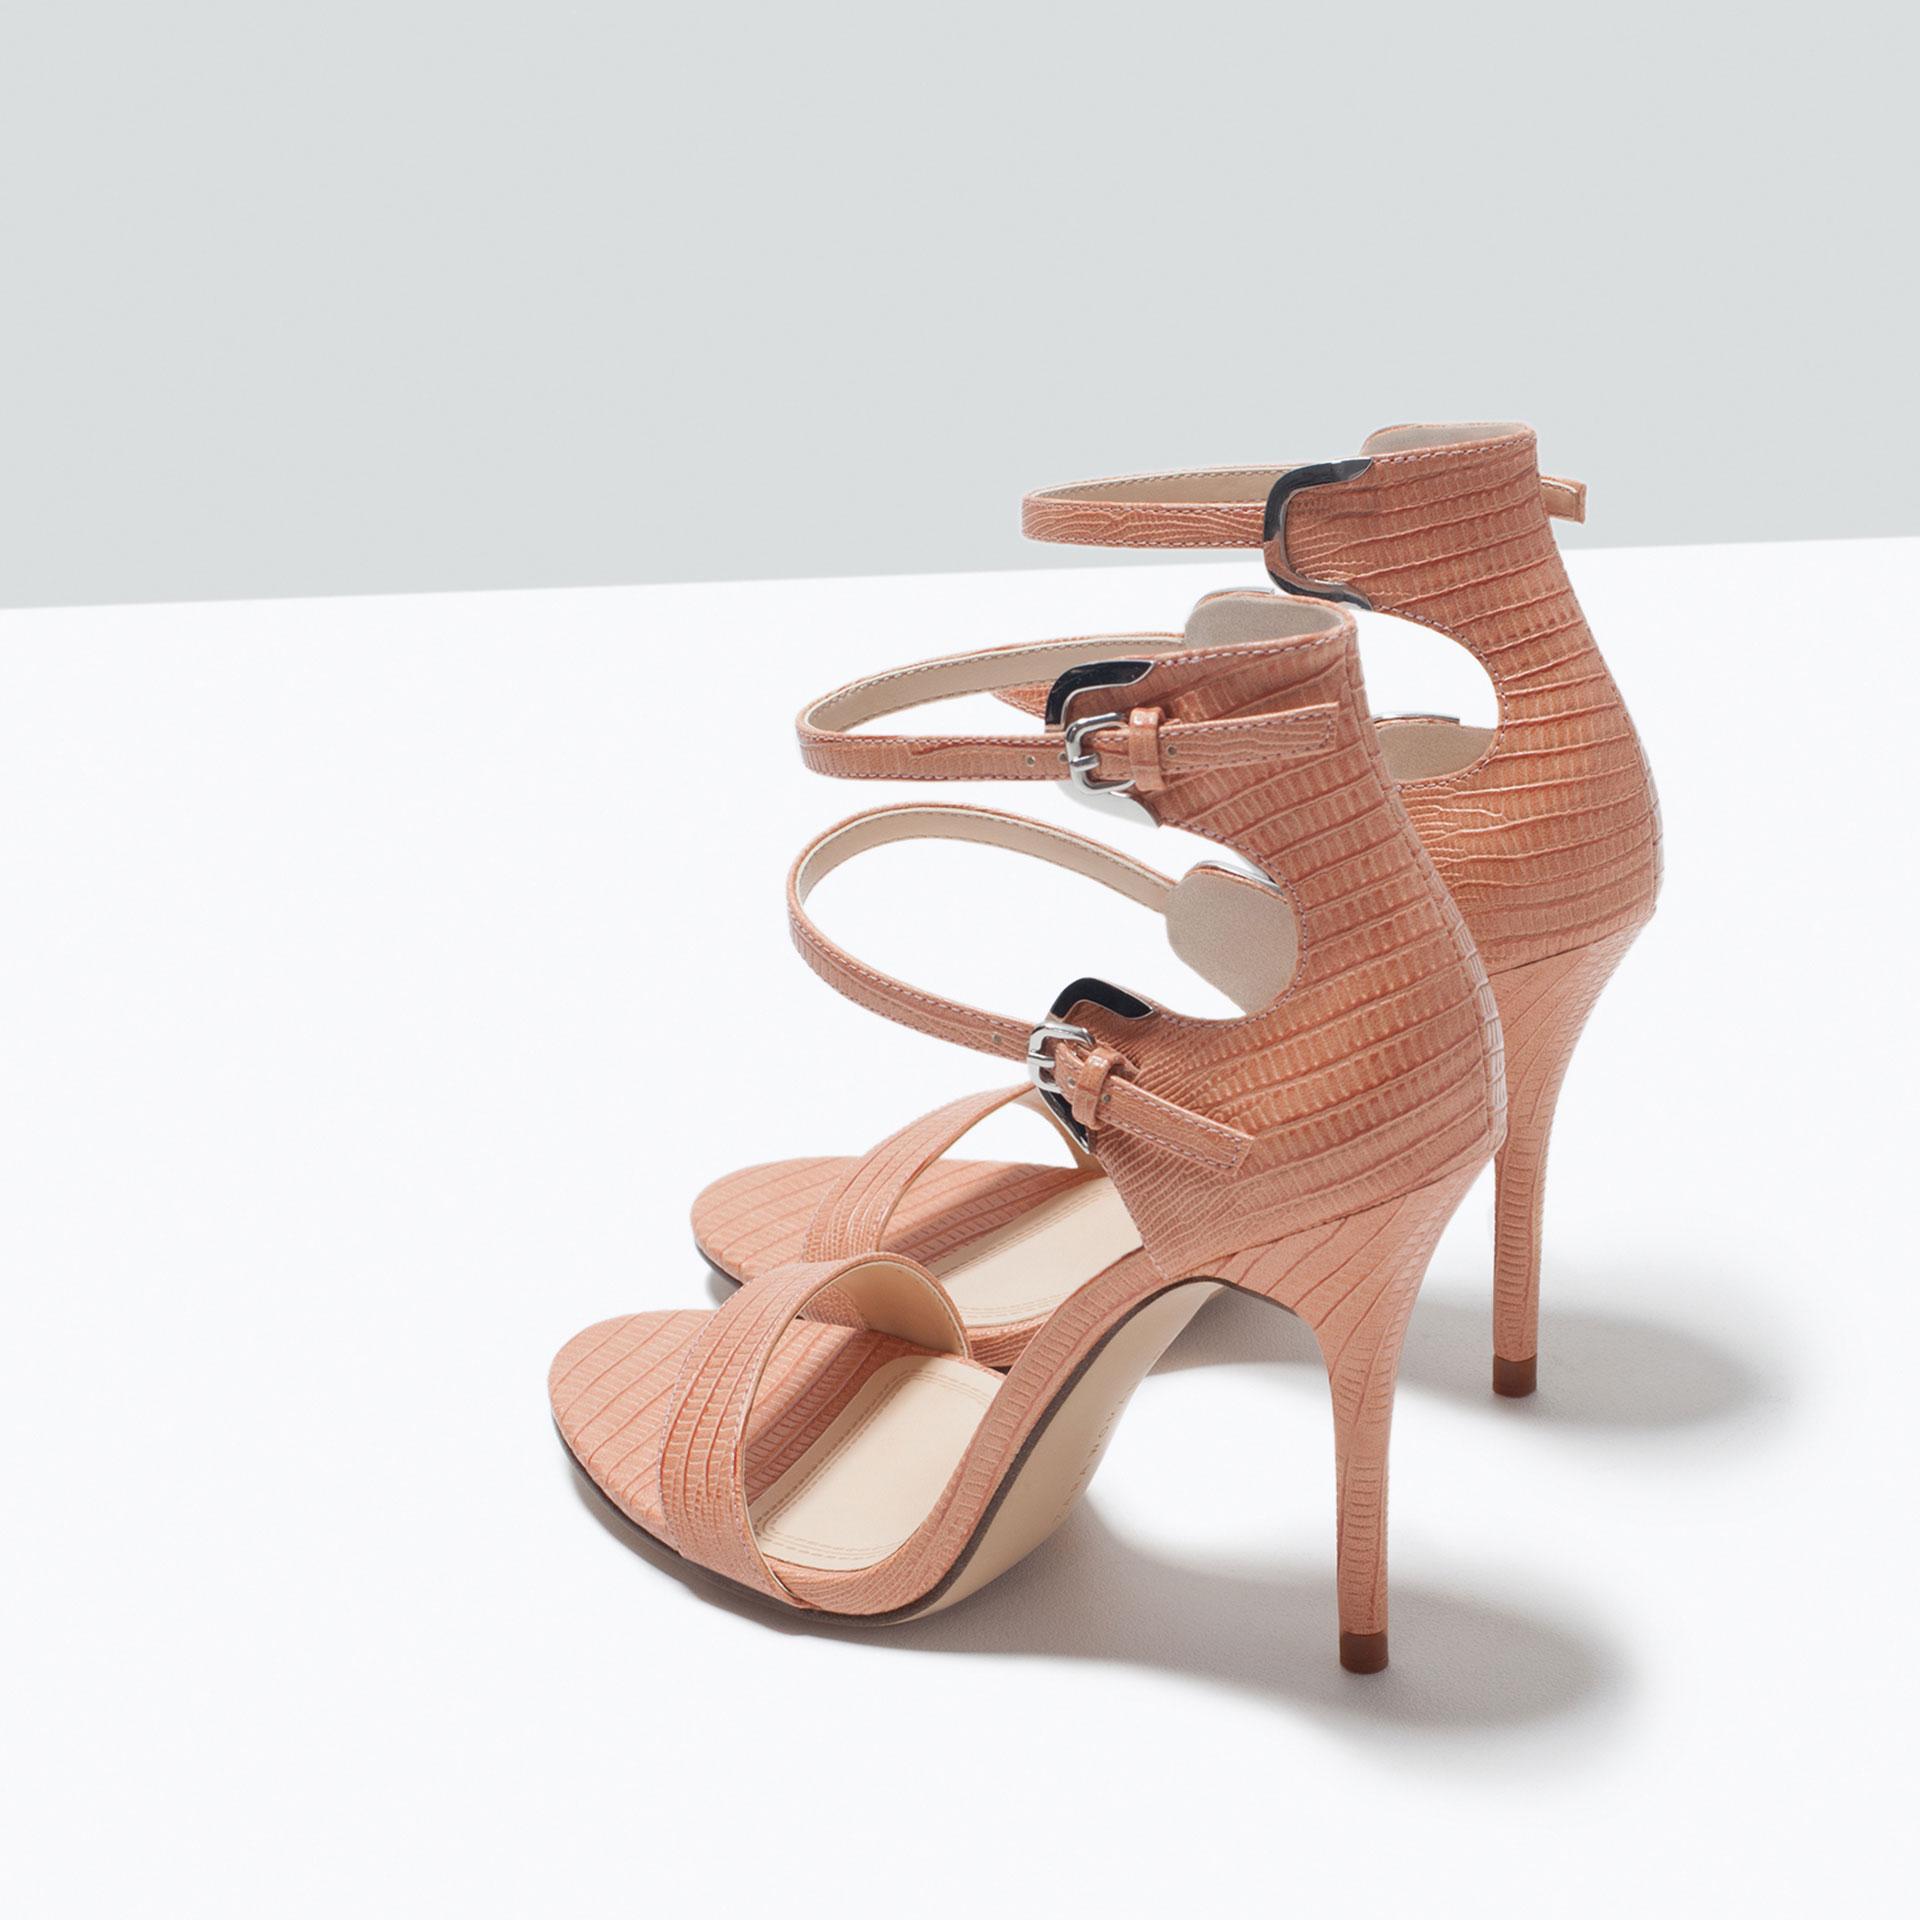 Fashion 8nkn0opwx Donna Shoeplay Sandali Rosa Blog Da Zara Di Scarpe Fu1c3TKJl